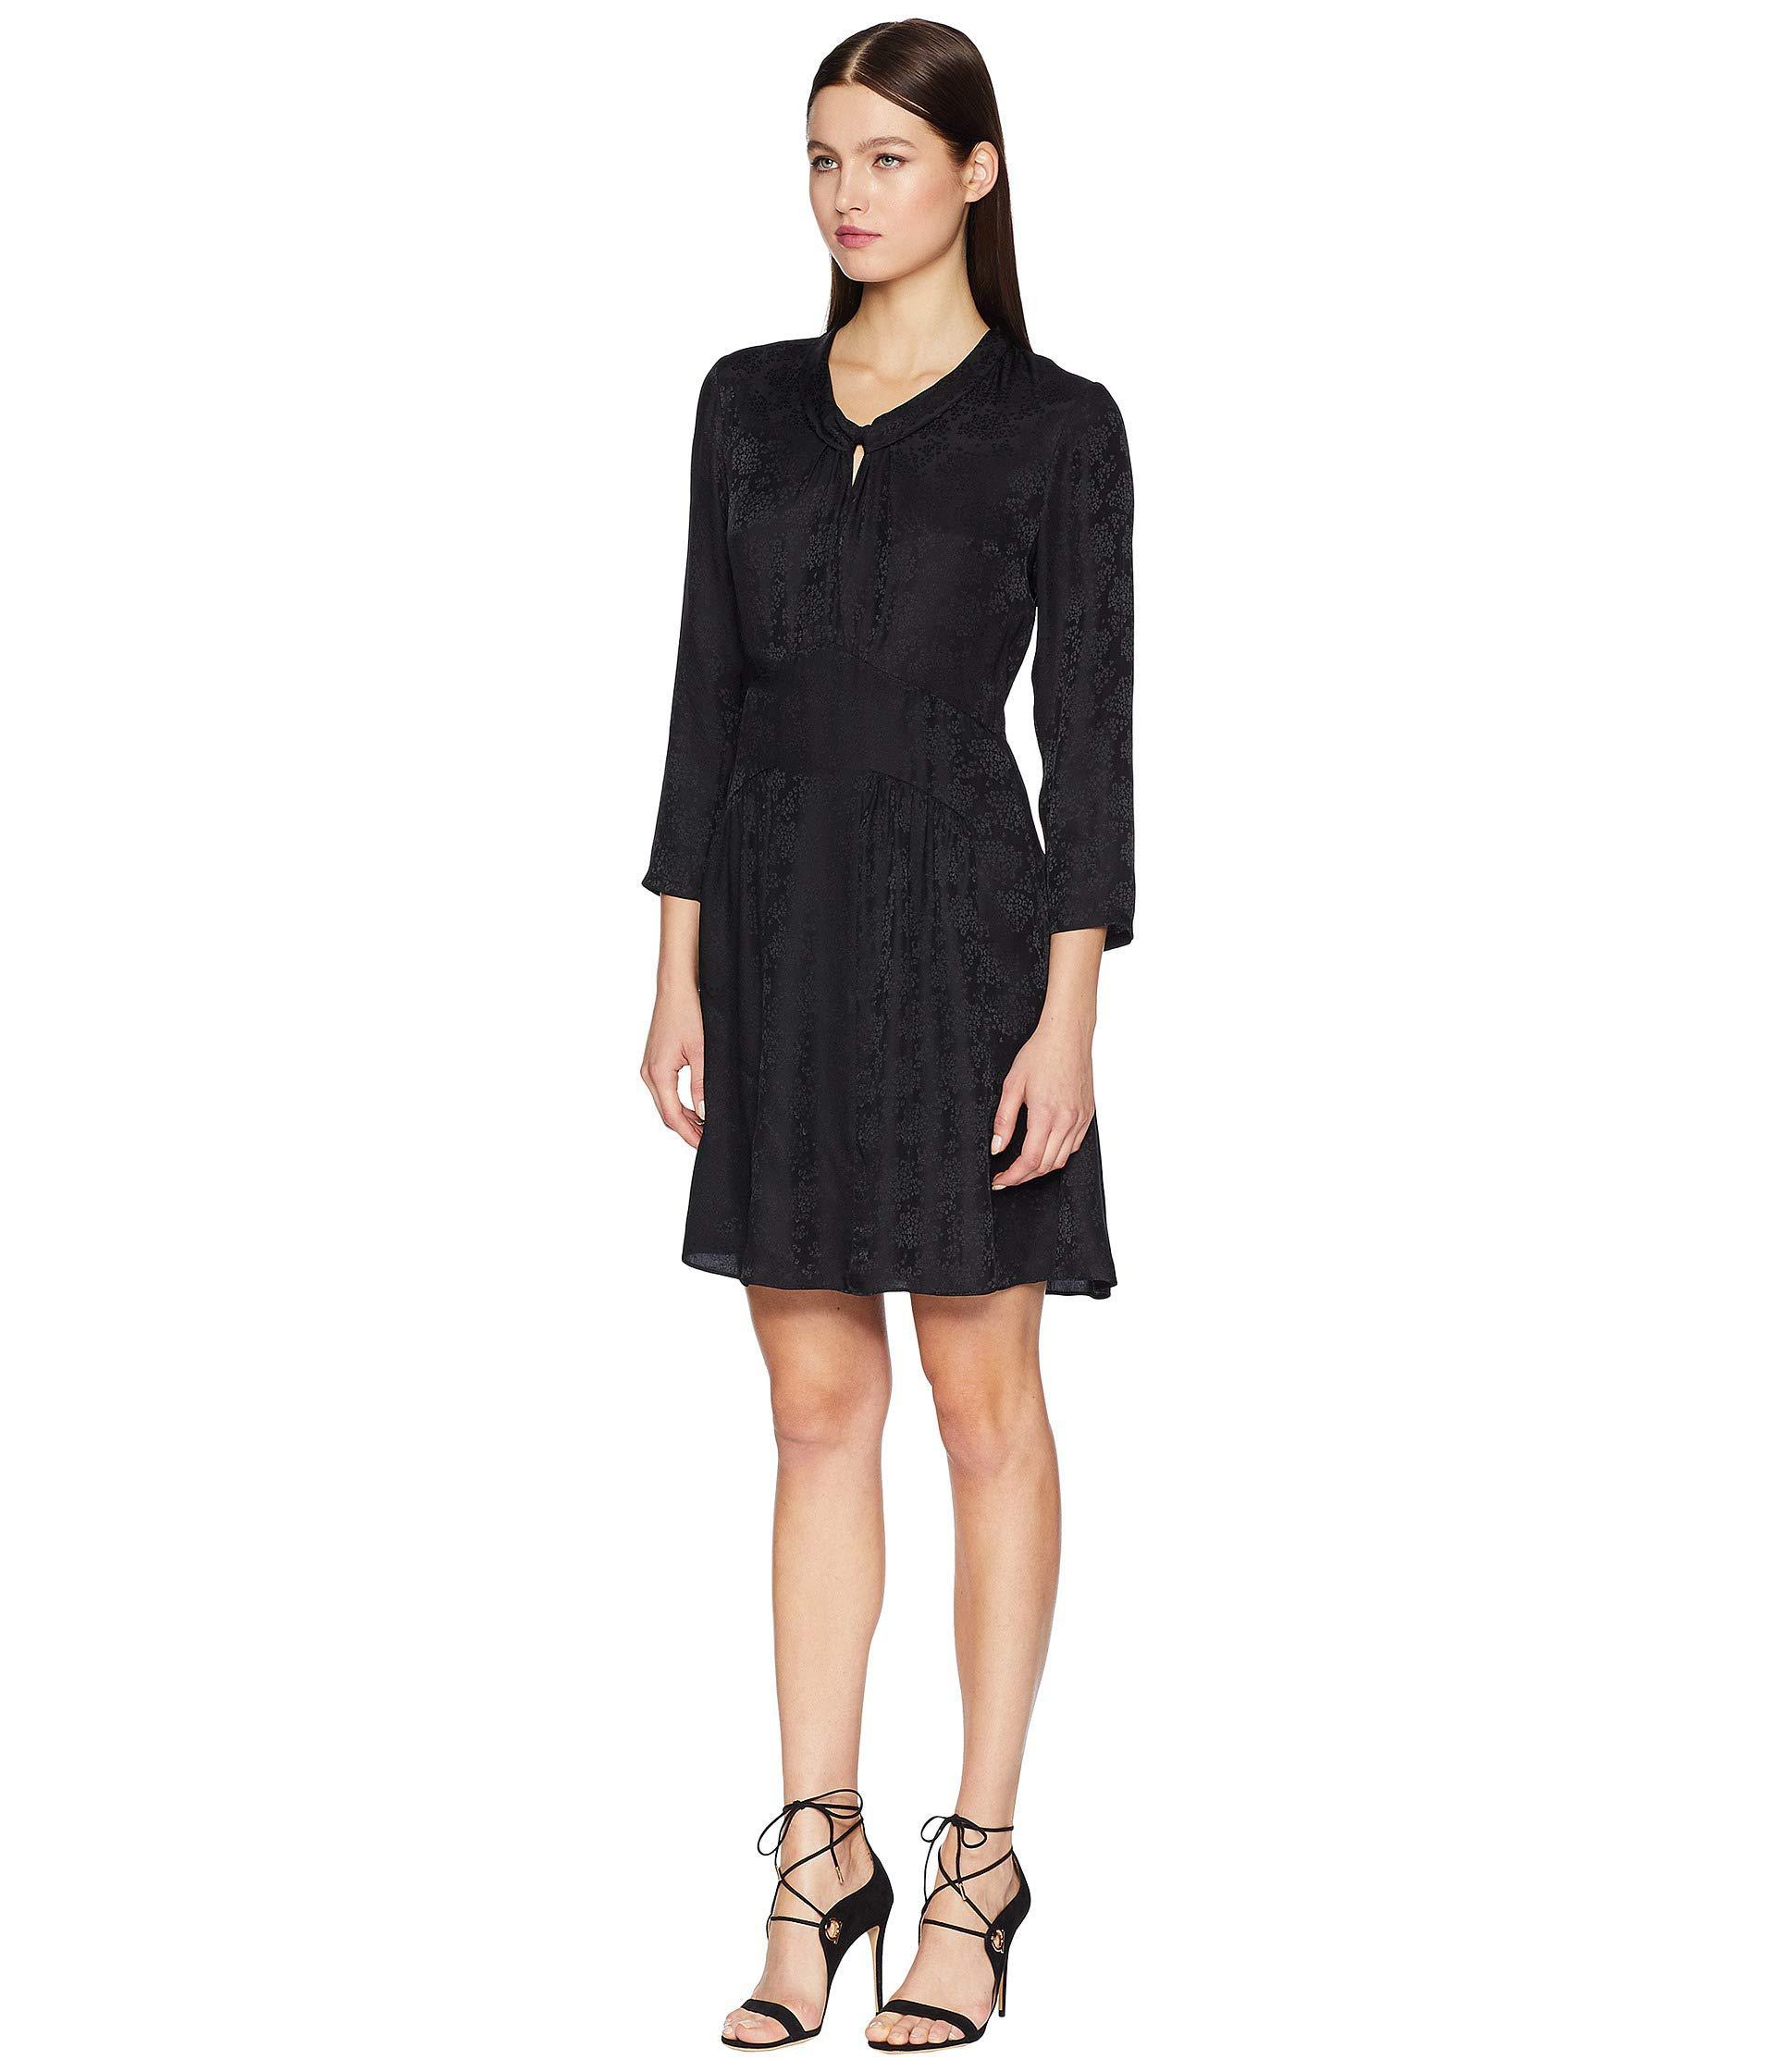 7fabcfbbe885 Lyst - Rebecca Taylor Long Sleeve Jacquard Silk Dress (black) Women's Dress  in Black